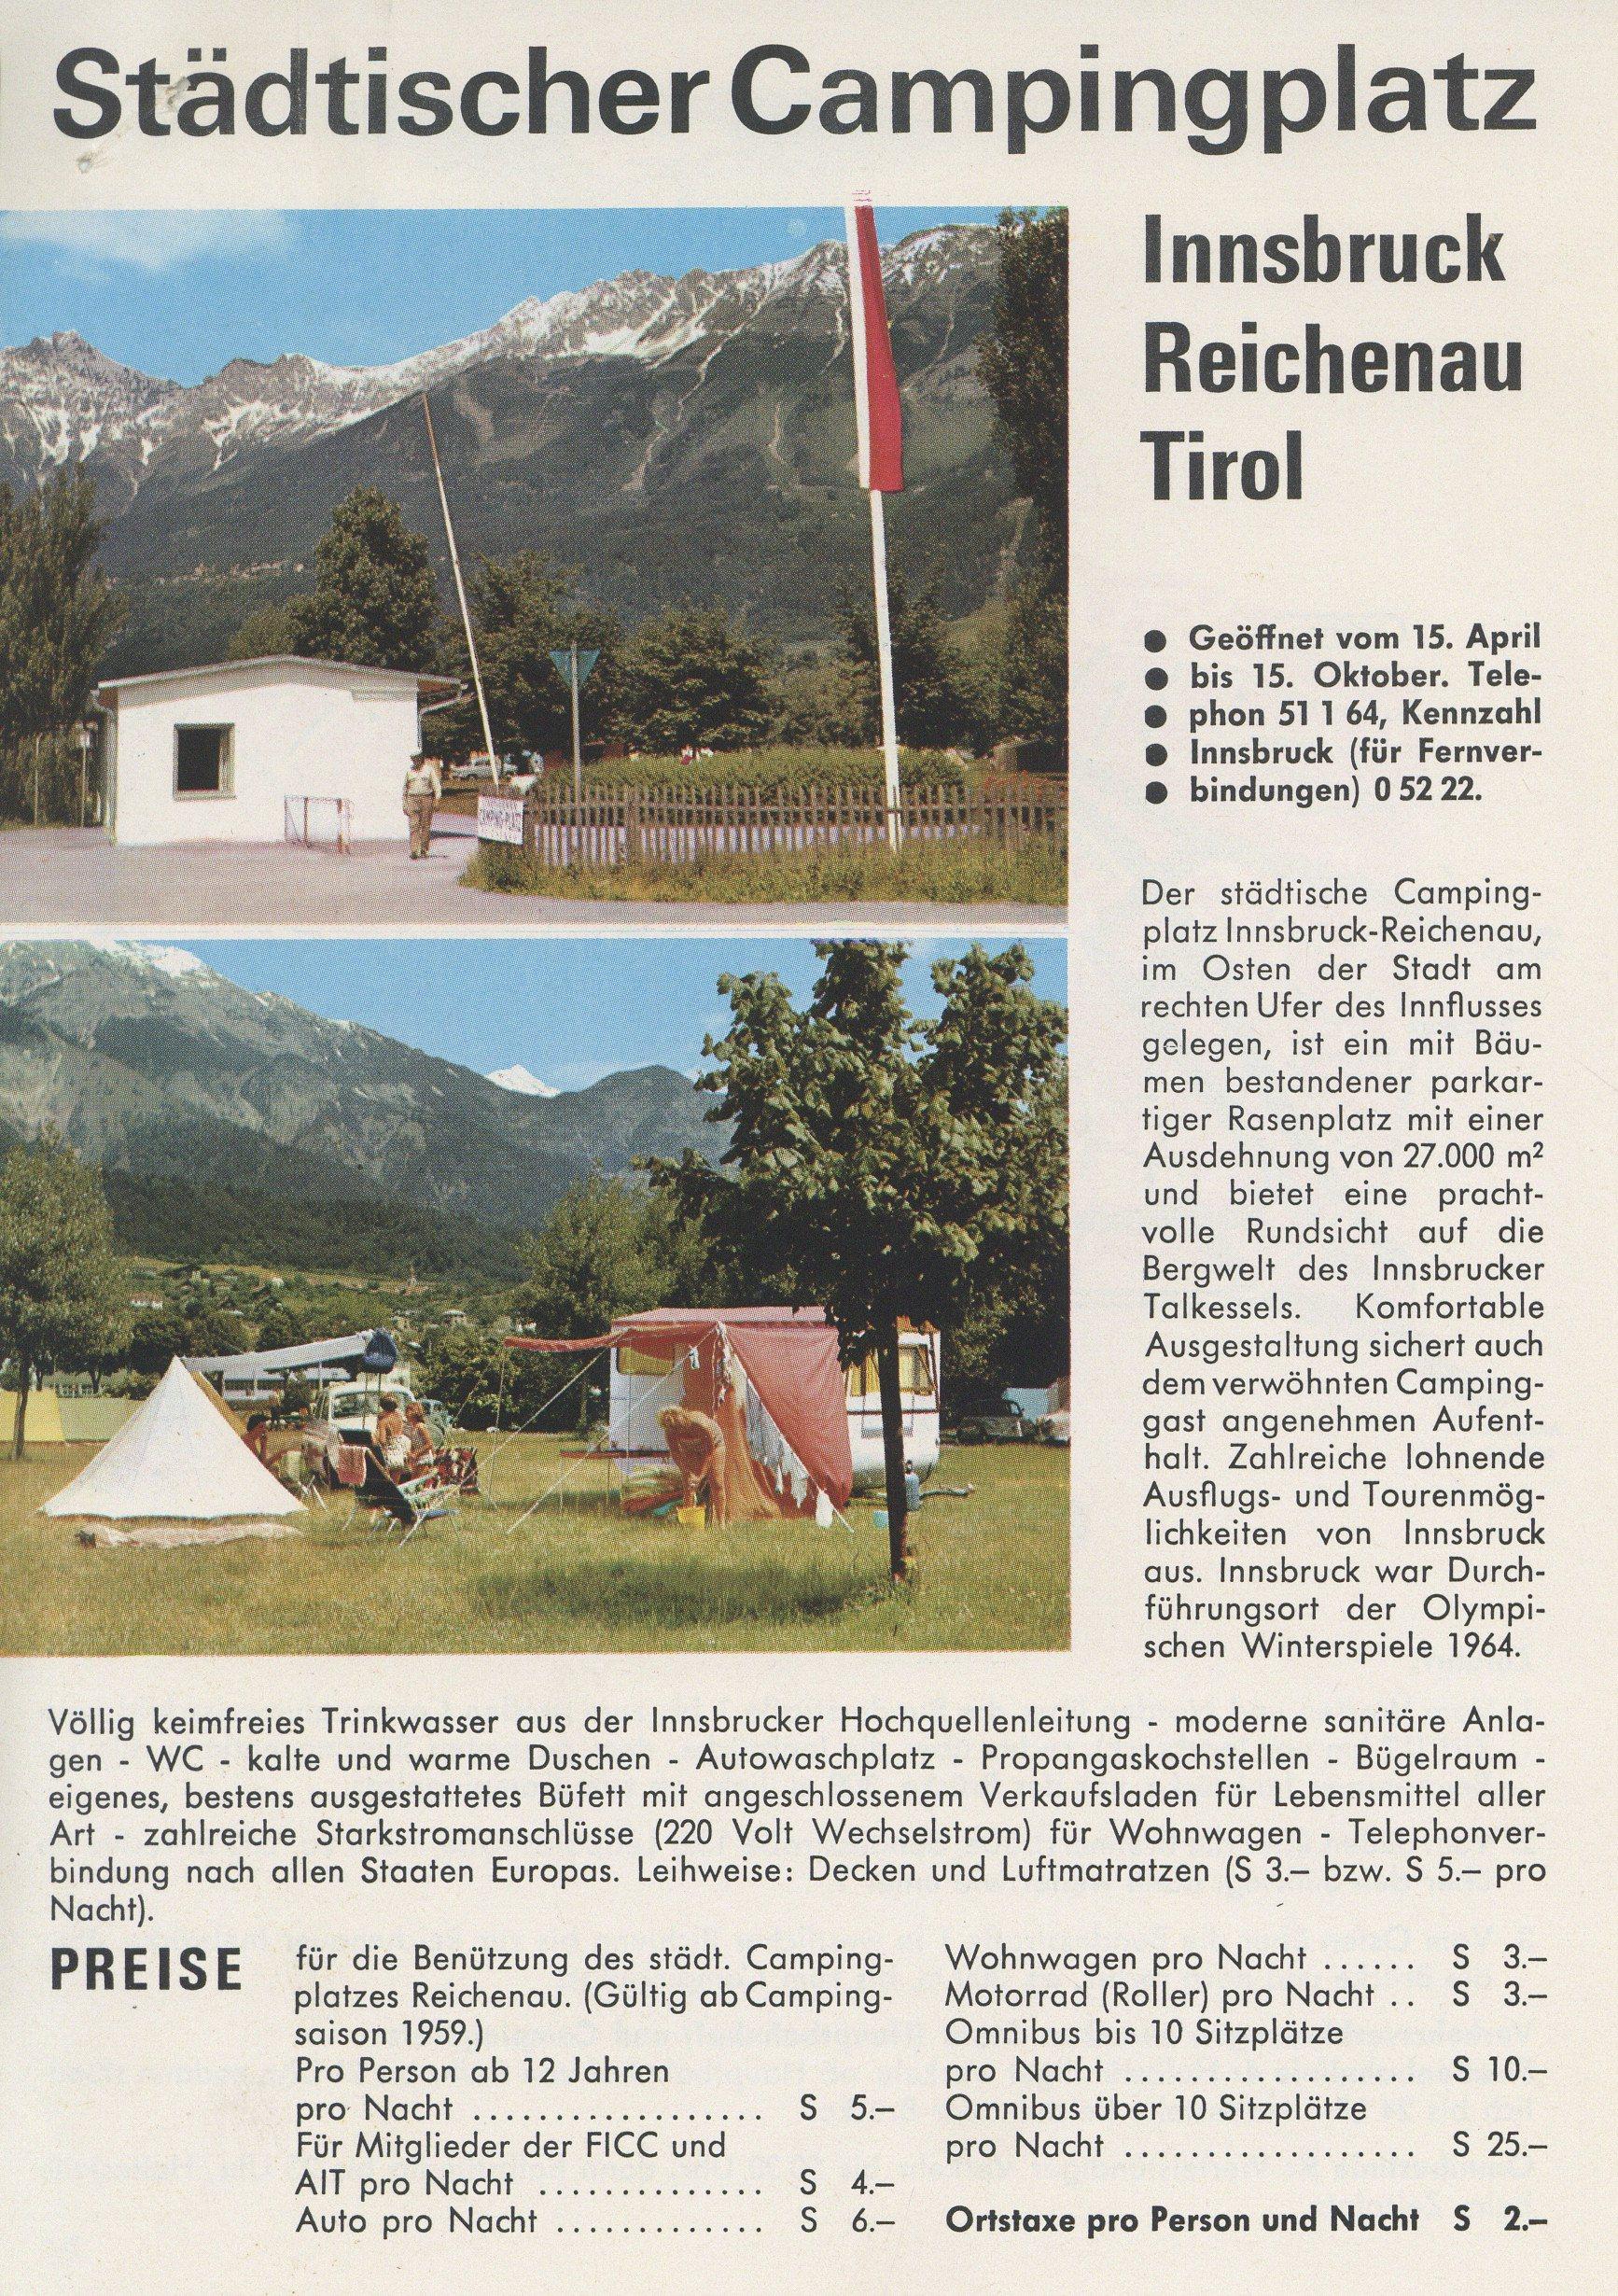 Camping In Innsbruck